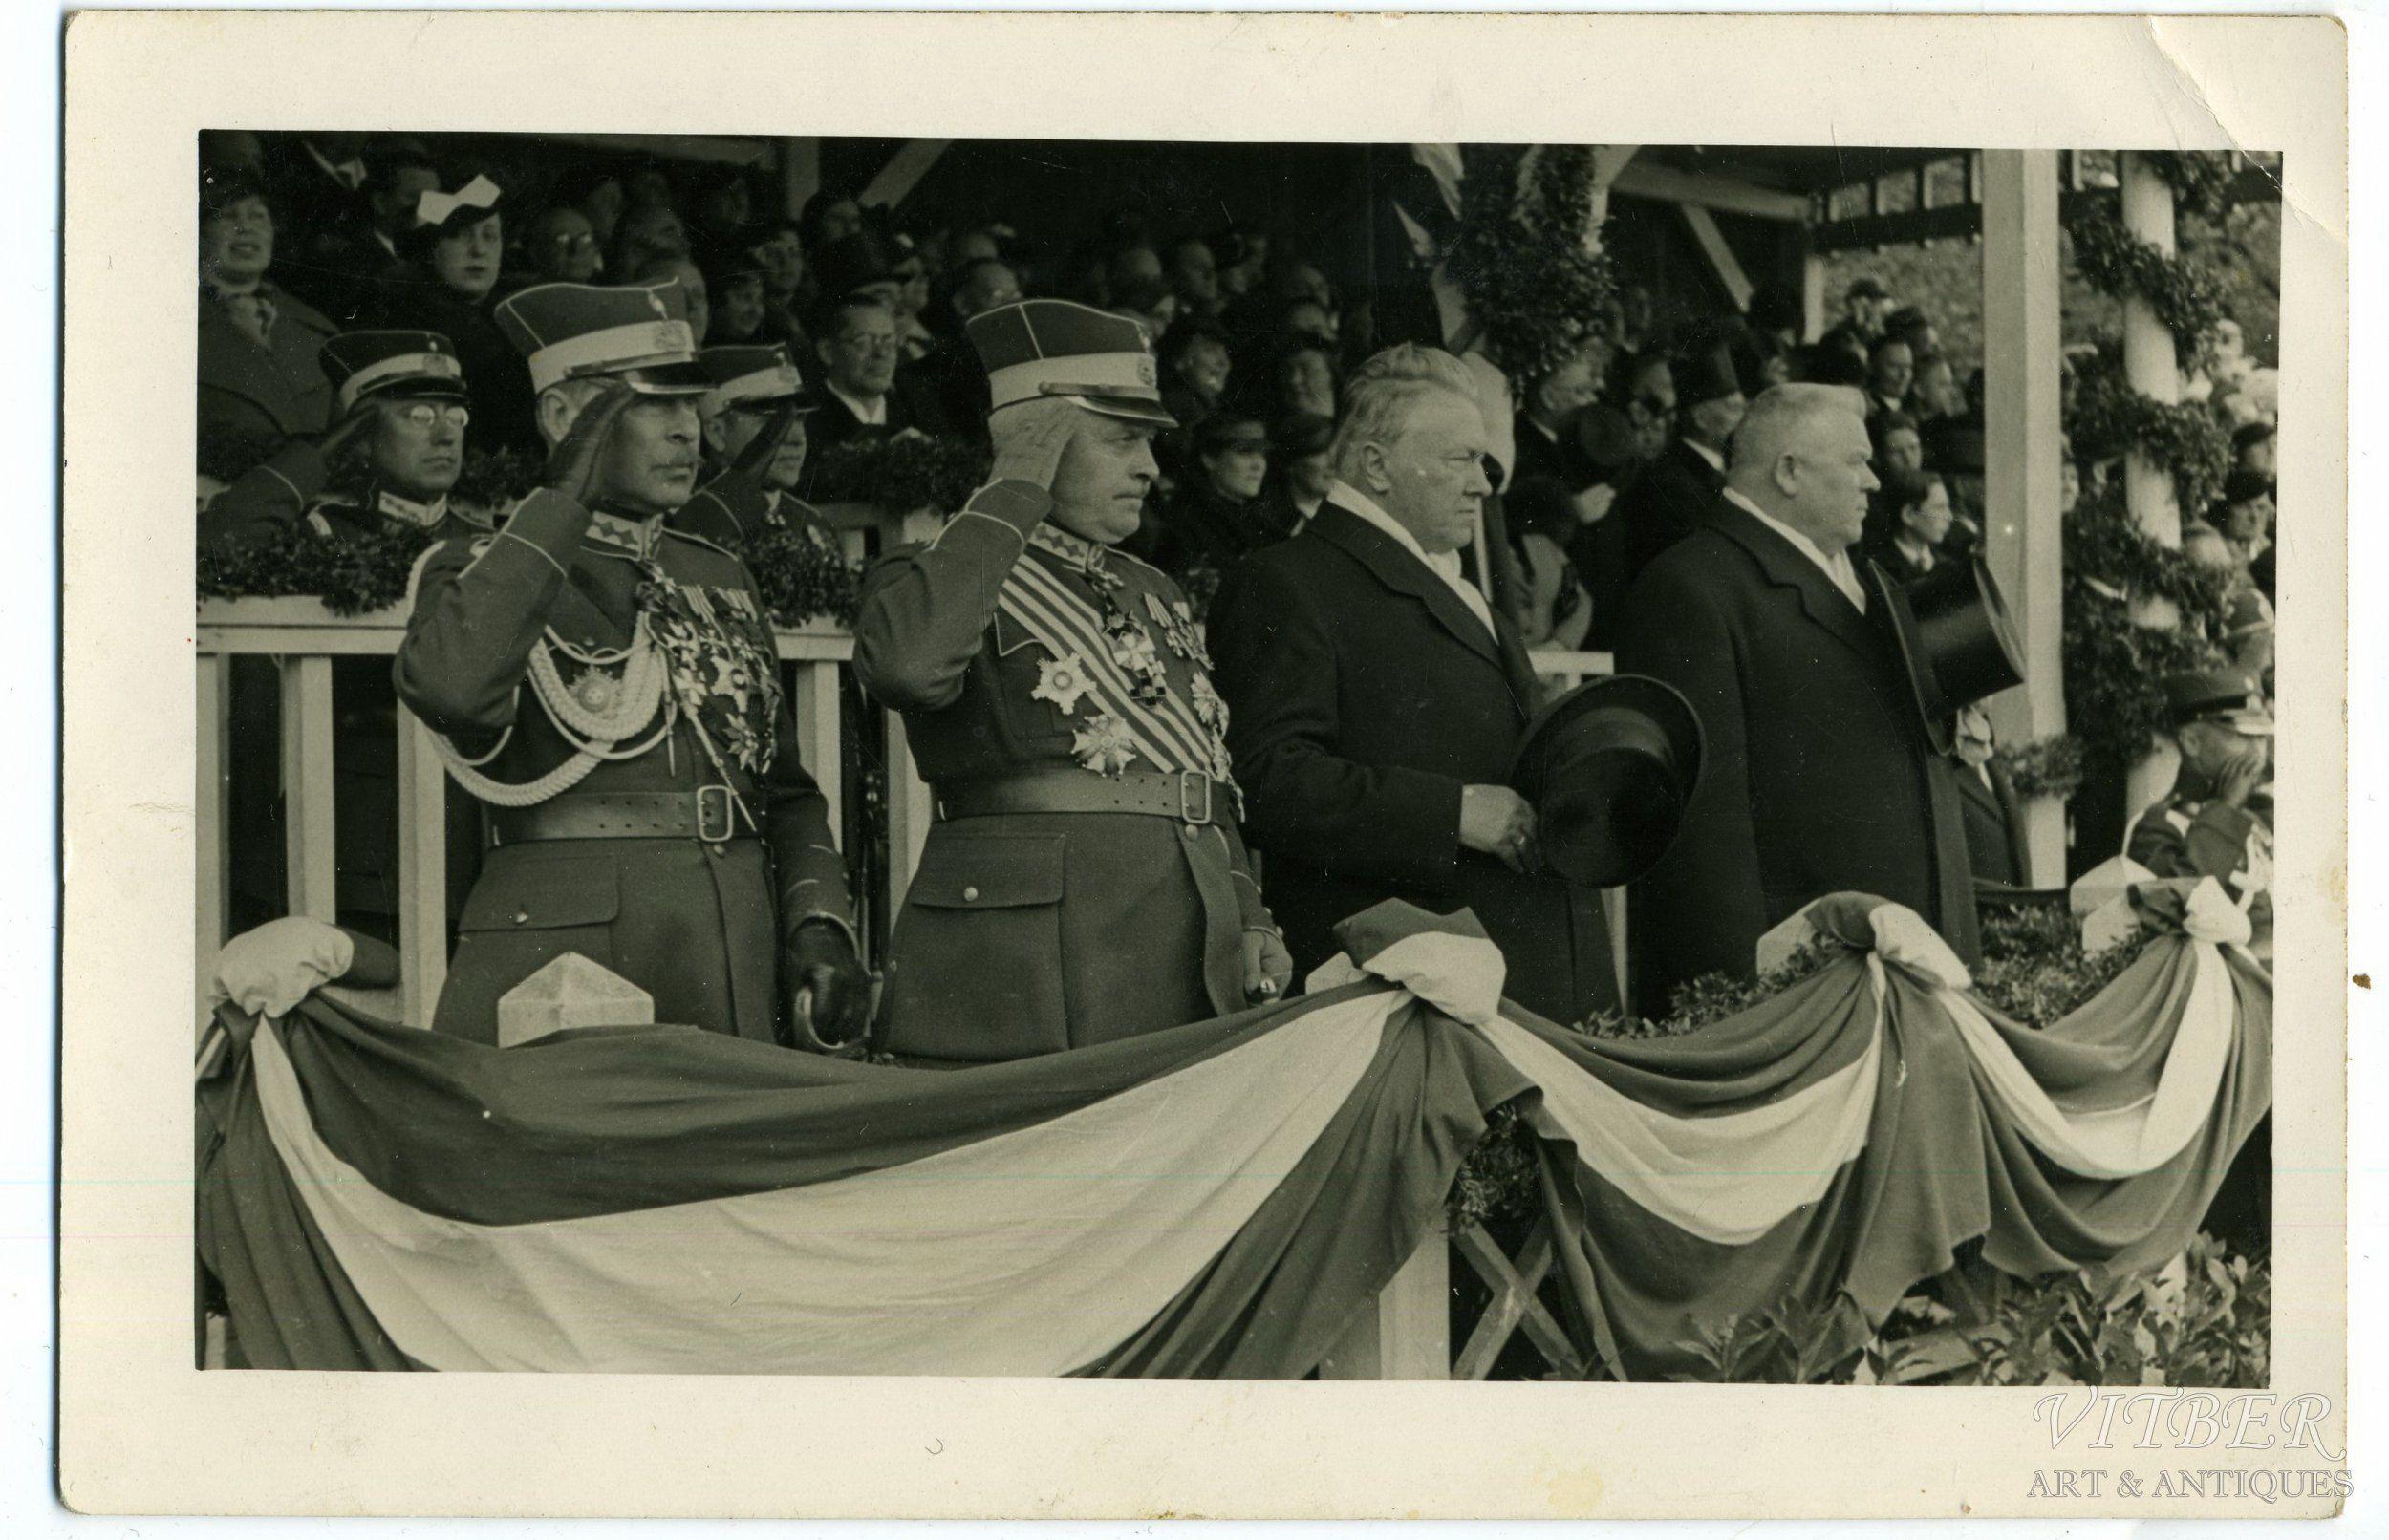 Fotogrāfija, Latvija, prezidents Ulmanis un Balodis pieņem